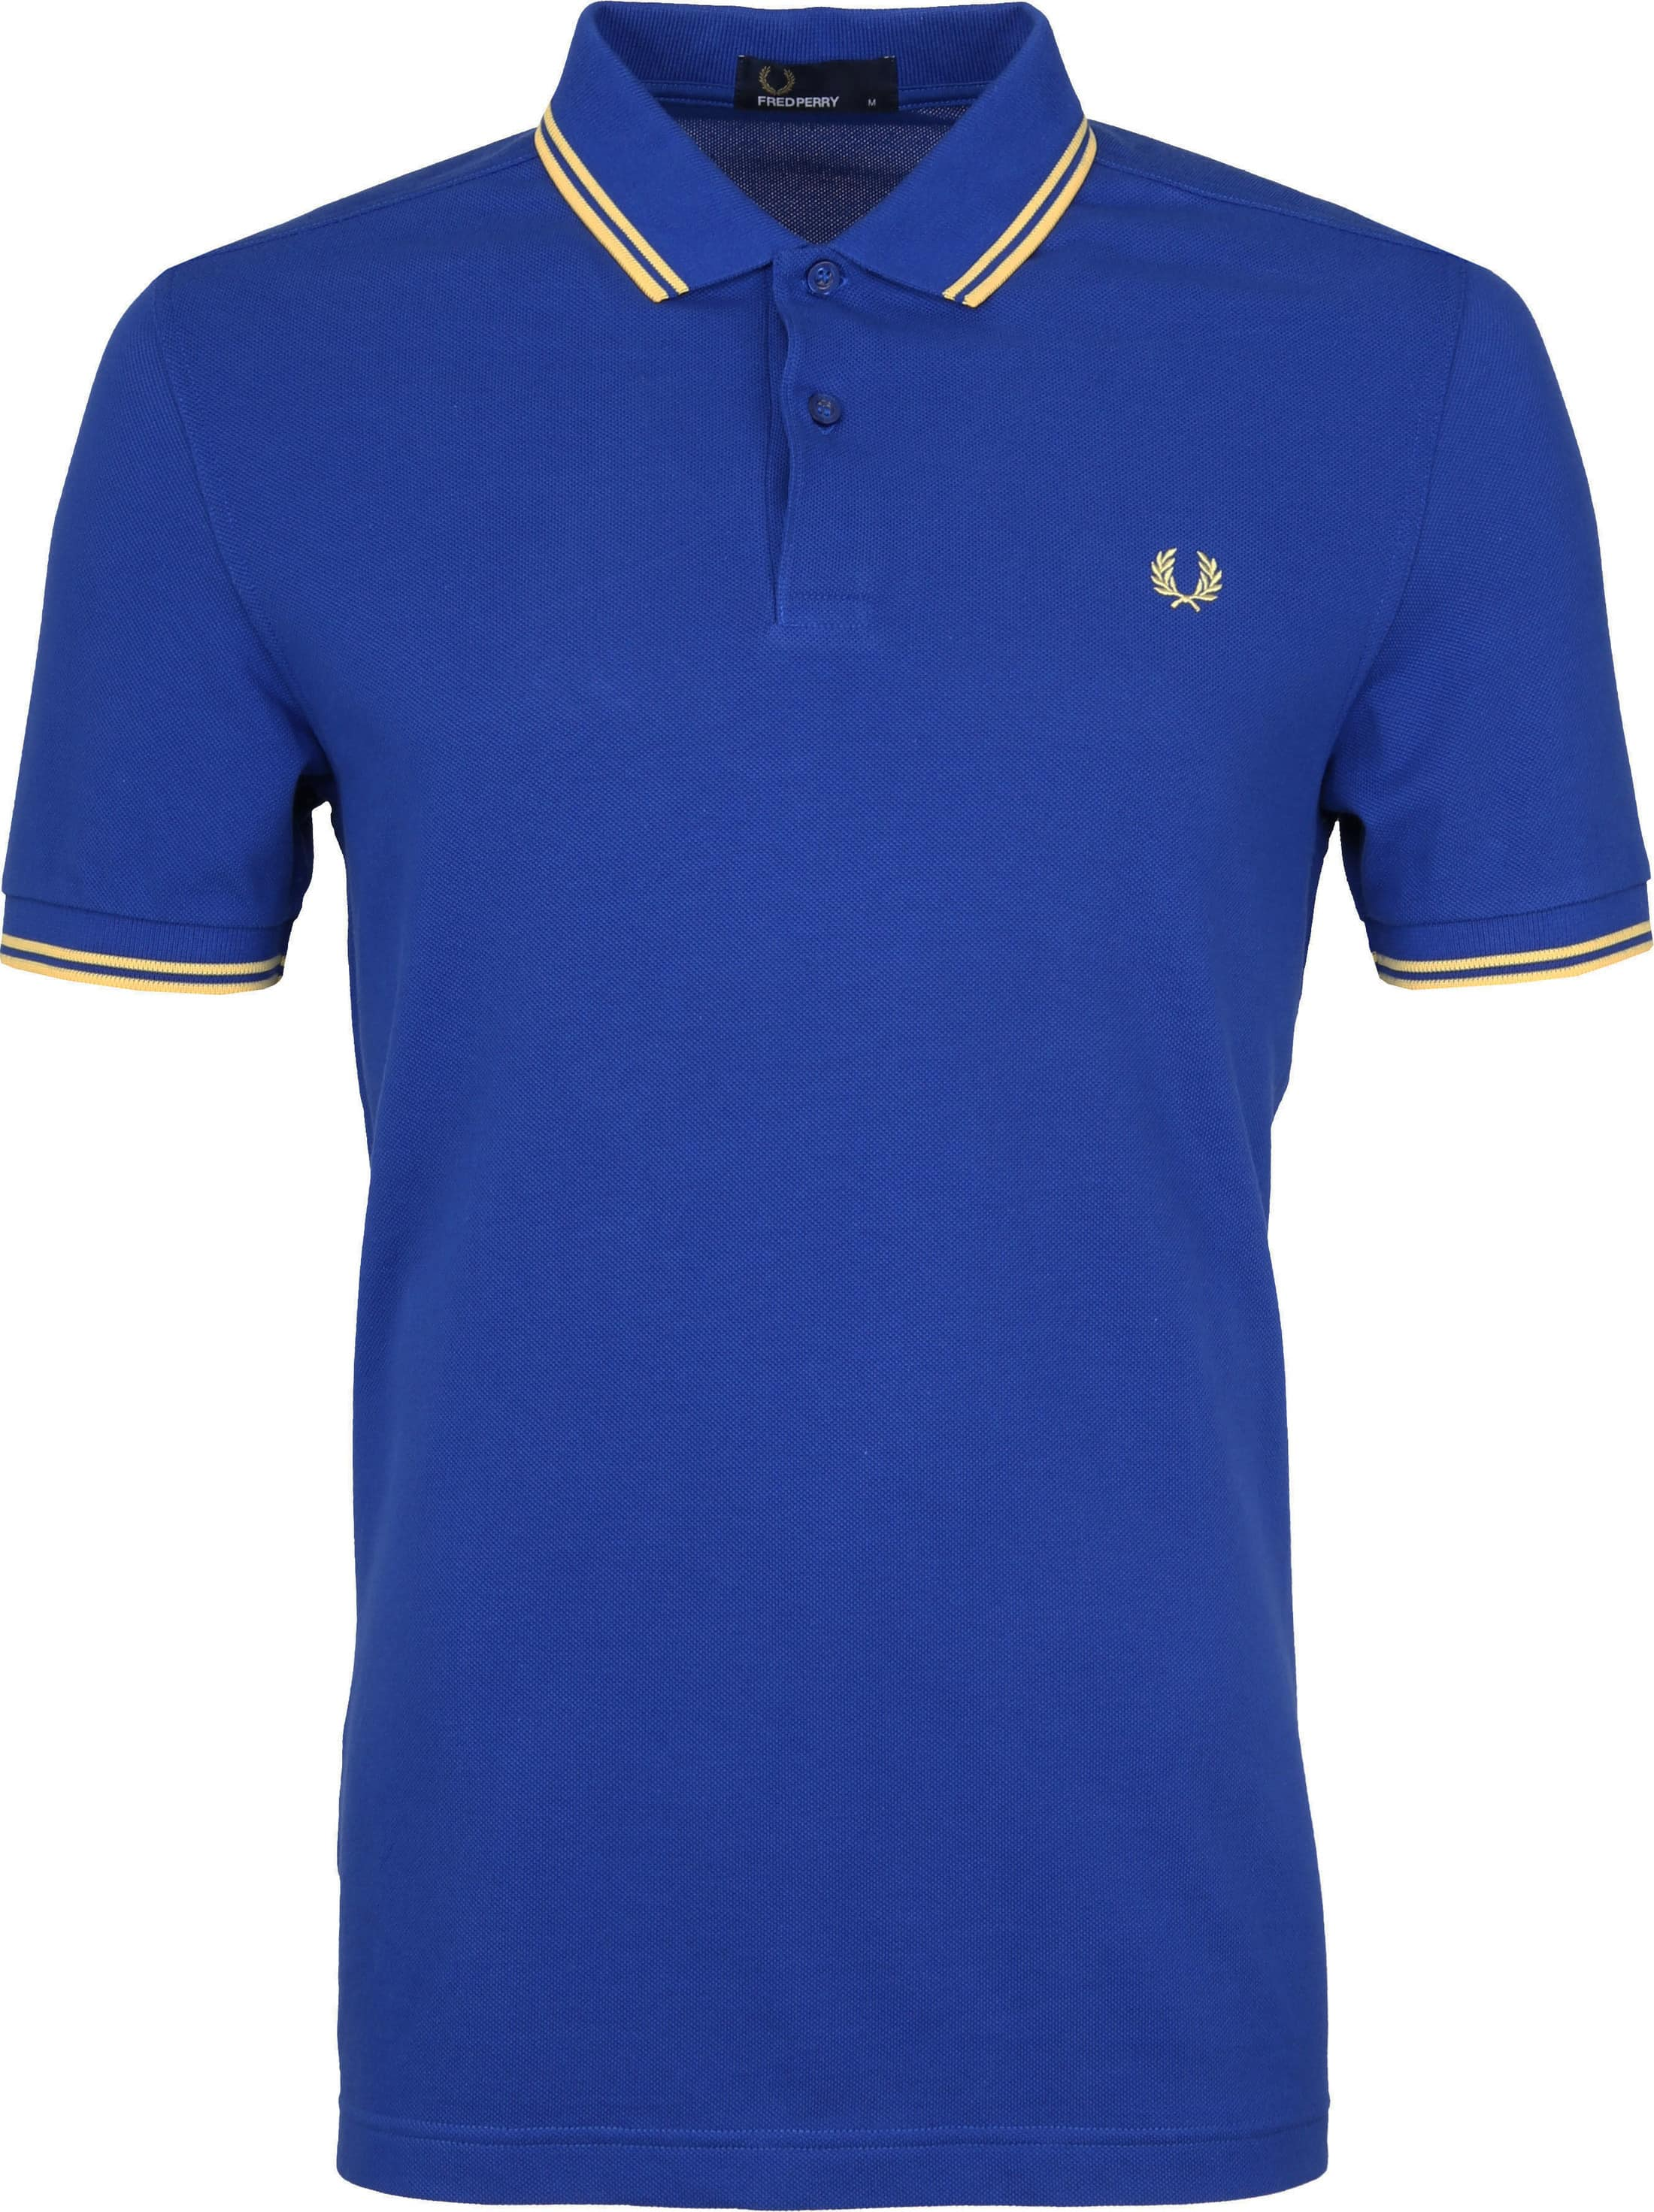 Fred Perry Poloshirt Blau G89 foto 0